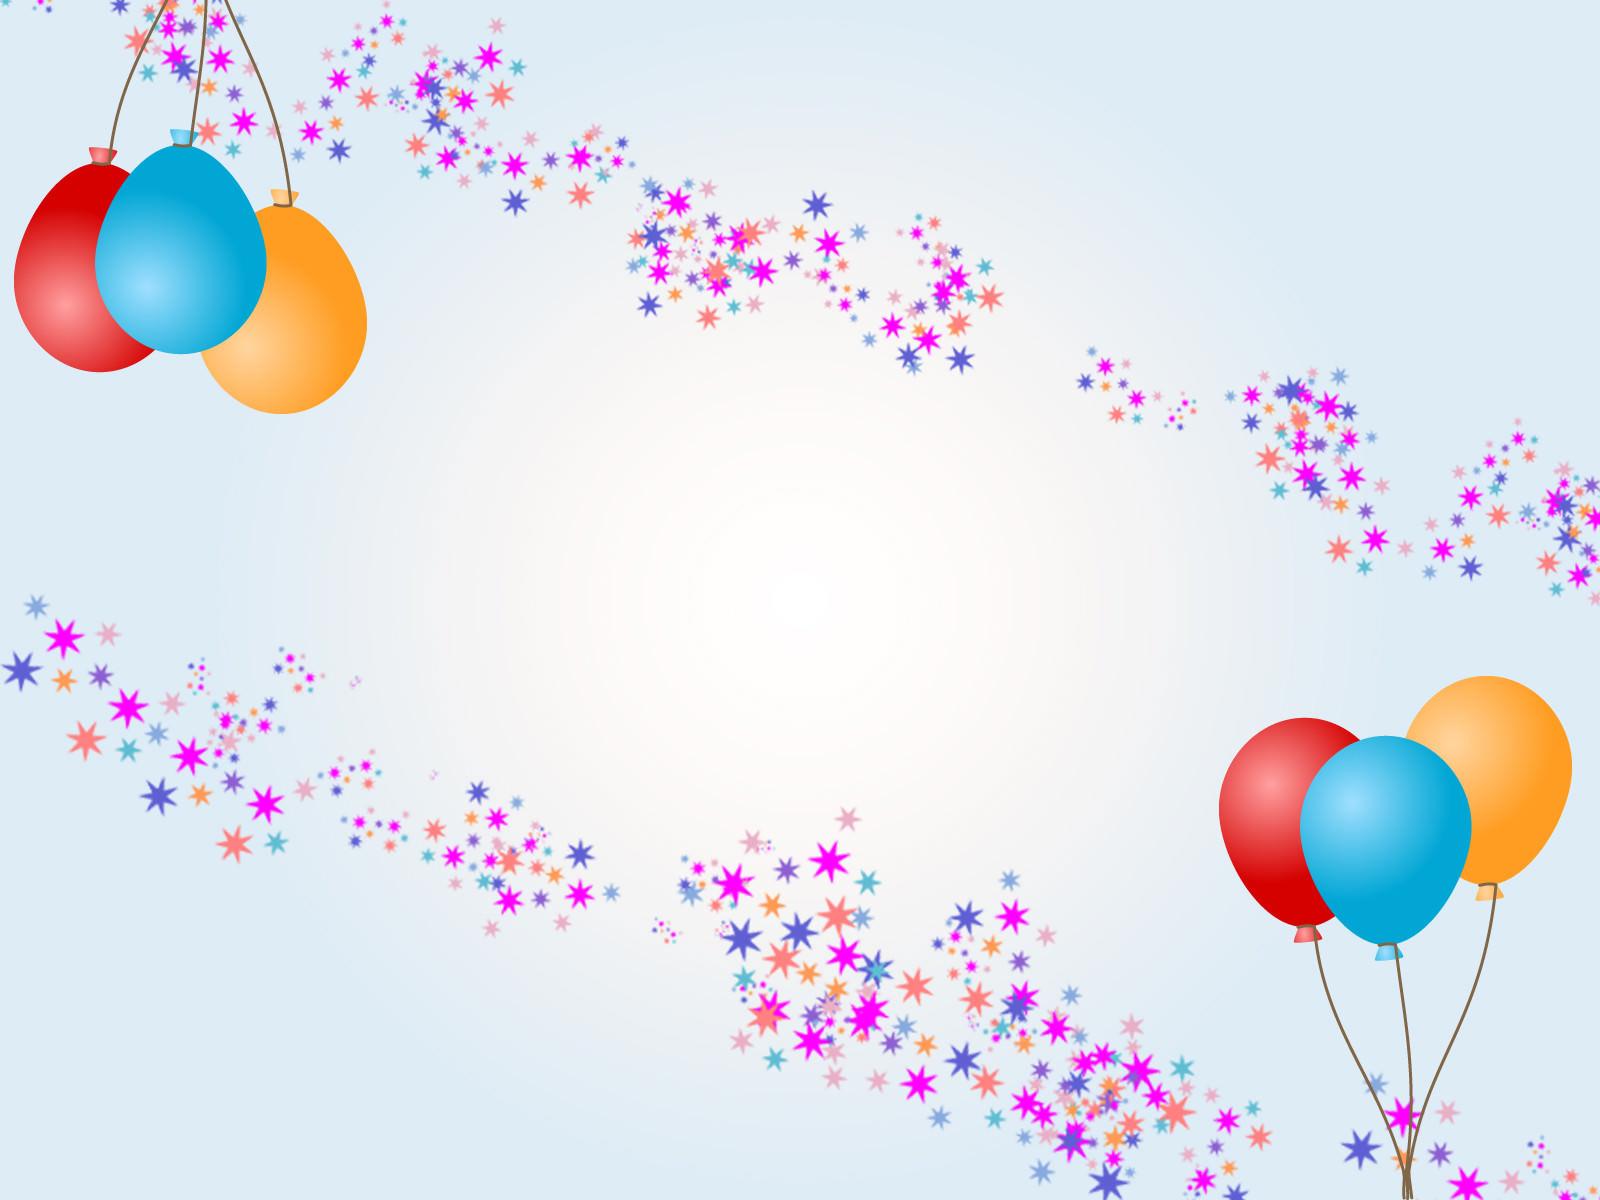 Красивый фон для открытки мальчику ко дню рождения, днюхой открытки открытки